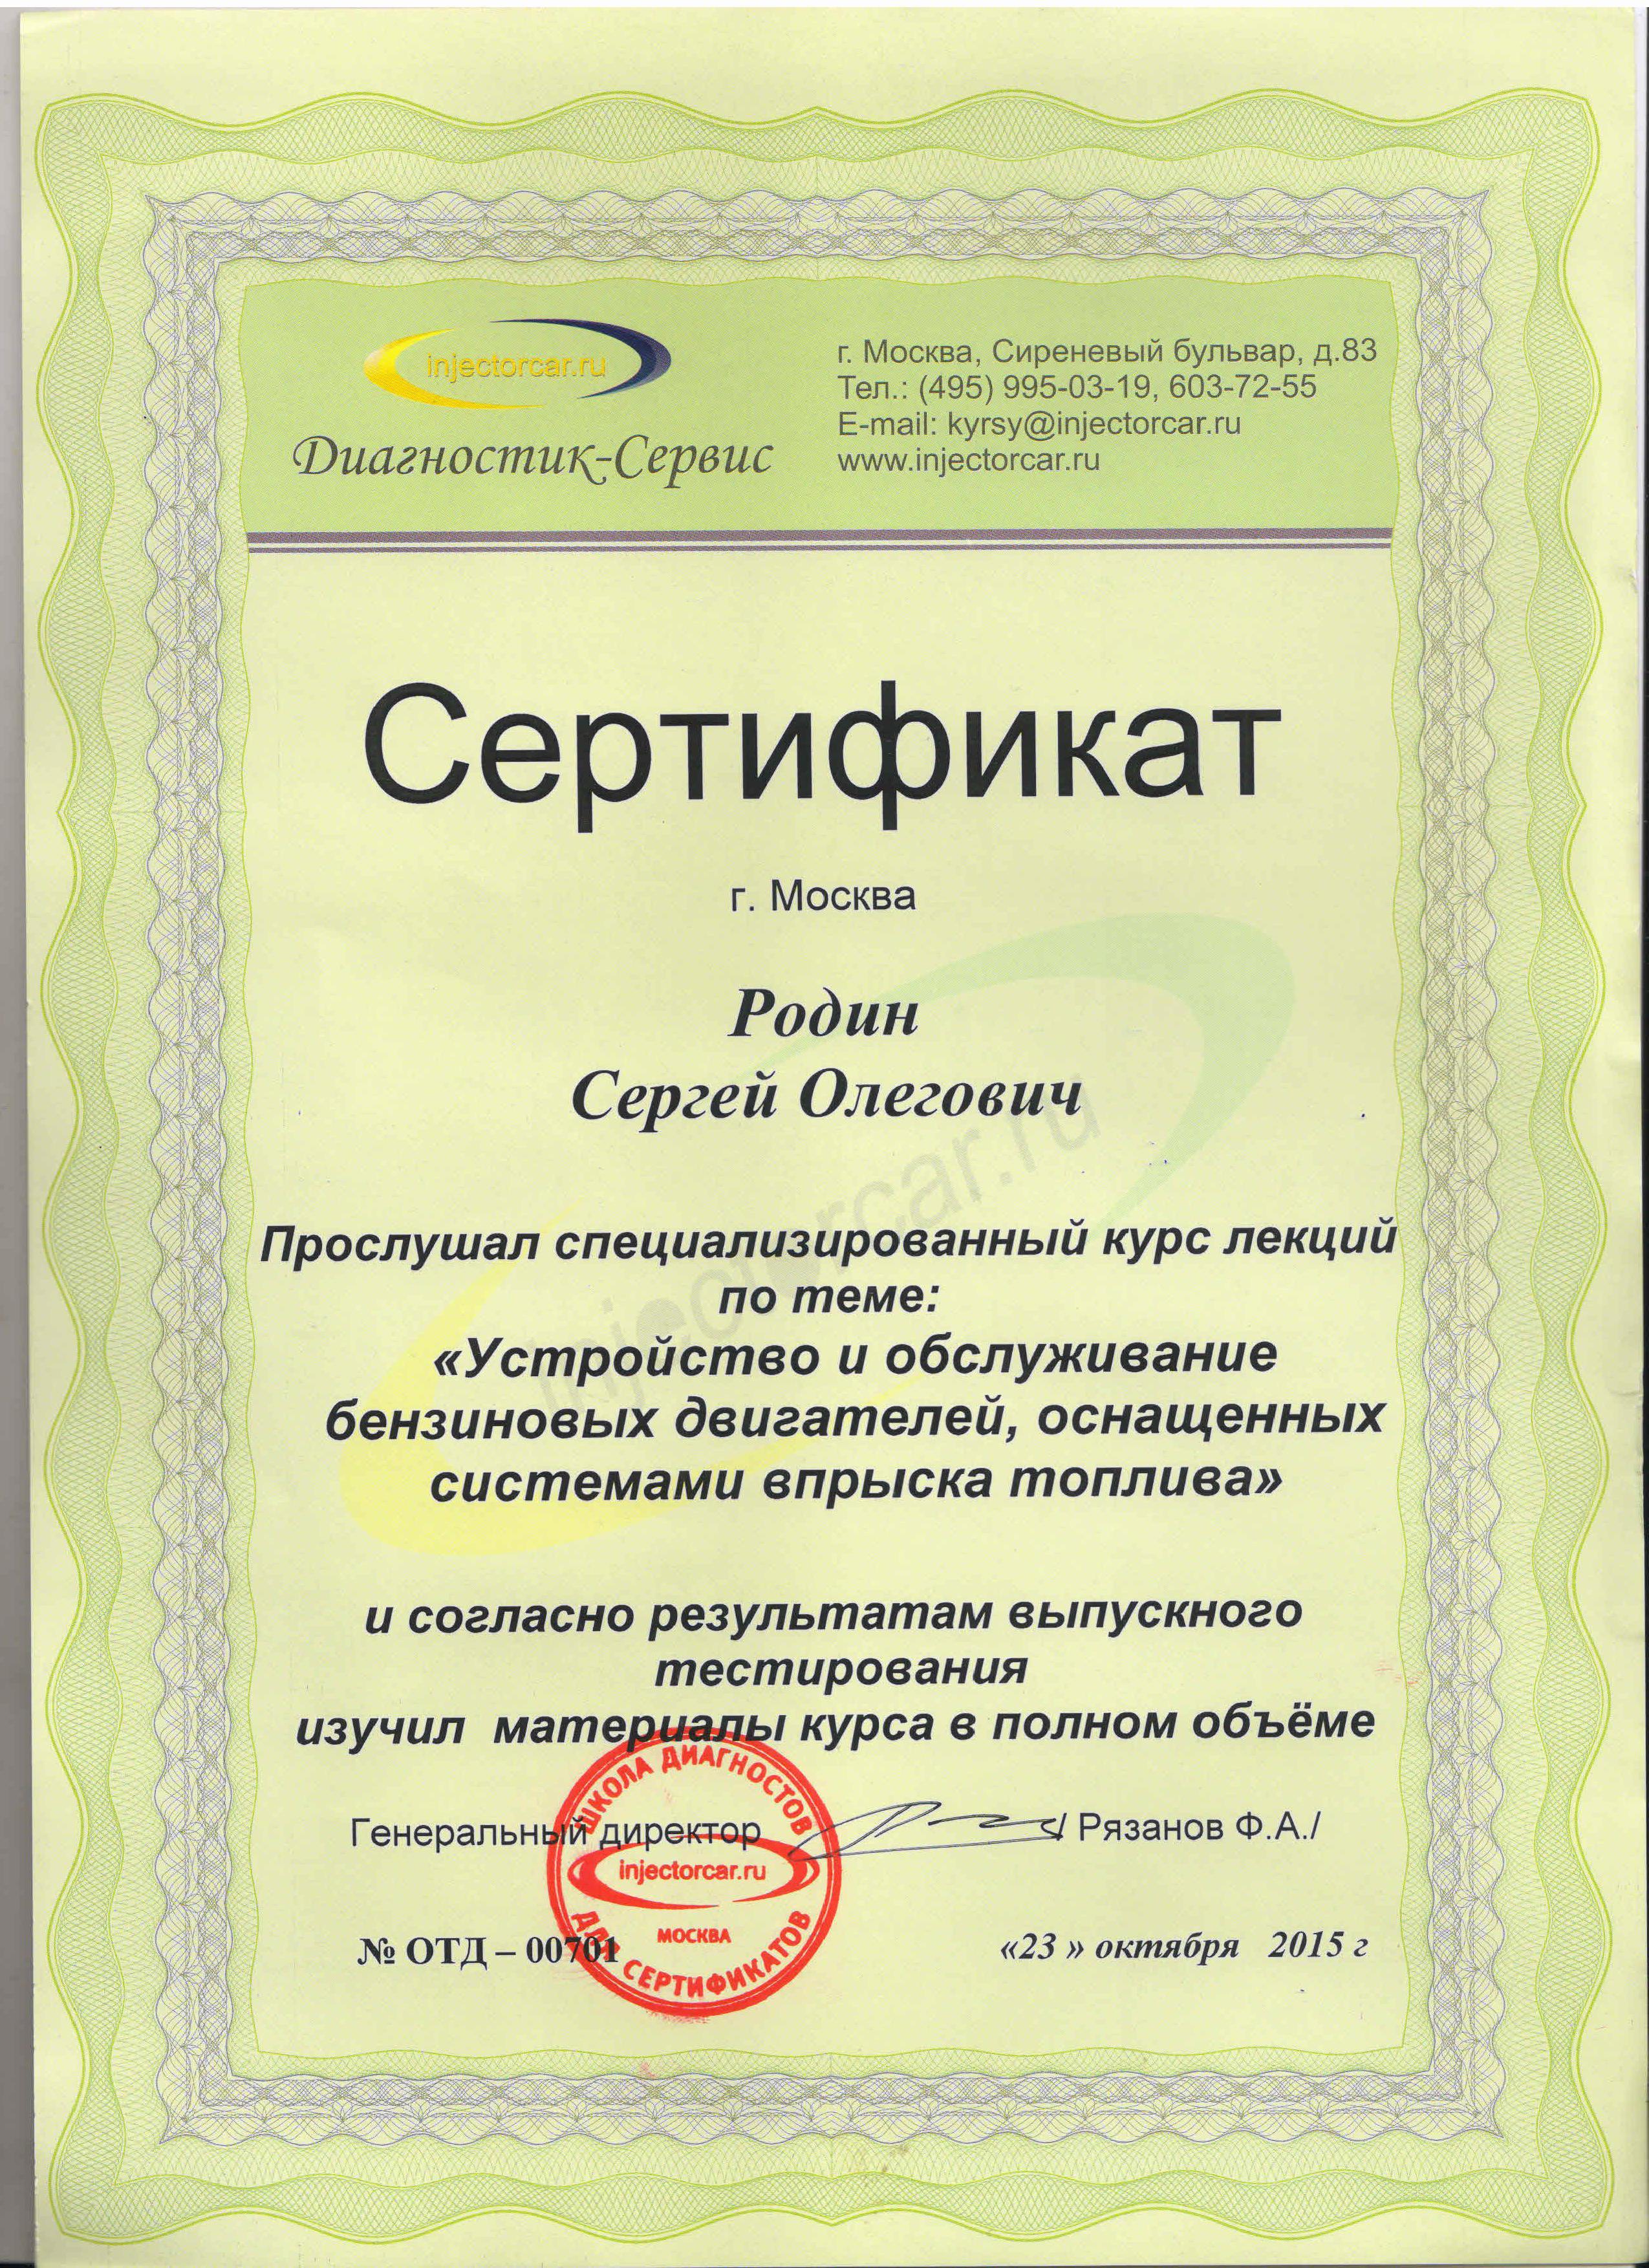 Обслуживание бензиновых ДВС: Сертификат Родин